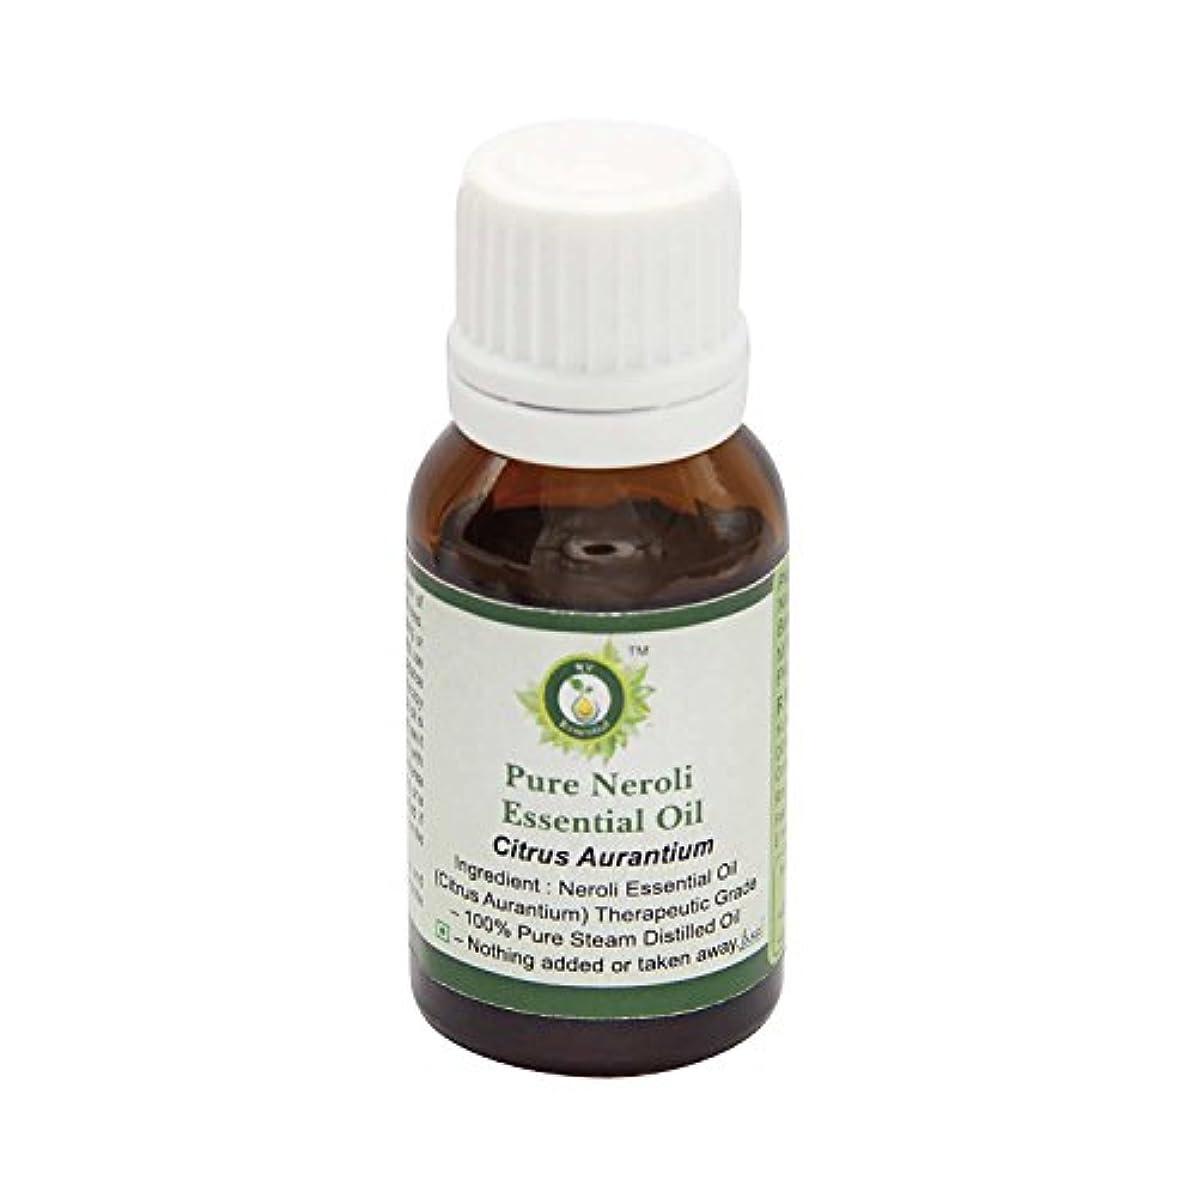 キュービックここに苦痛R V Essential ピュアネロリエッセンシャルオイル15ml (0.507oz)- Citrus Aurantium (100%純粋&天然スチームDistilled) Pure Neroli Essential...